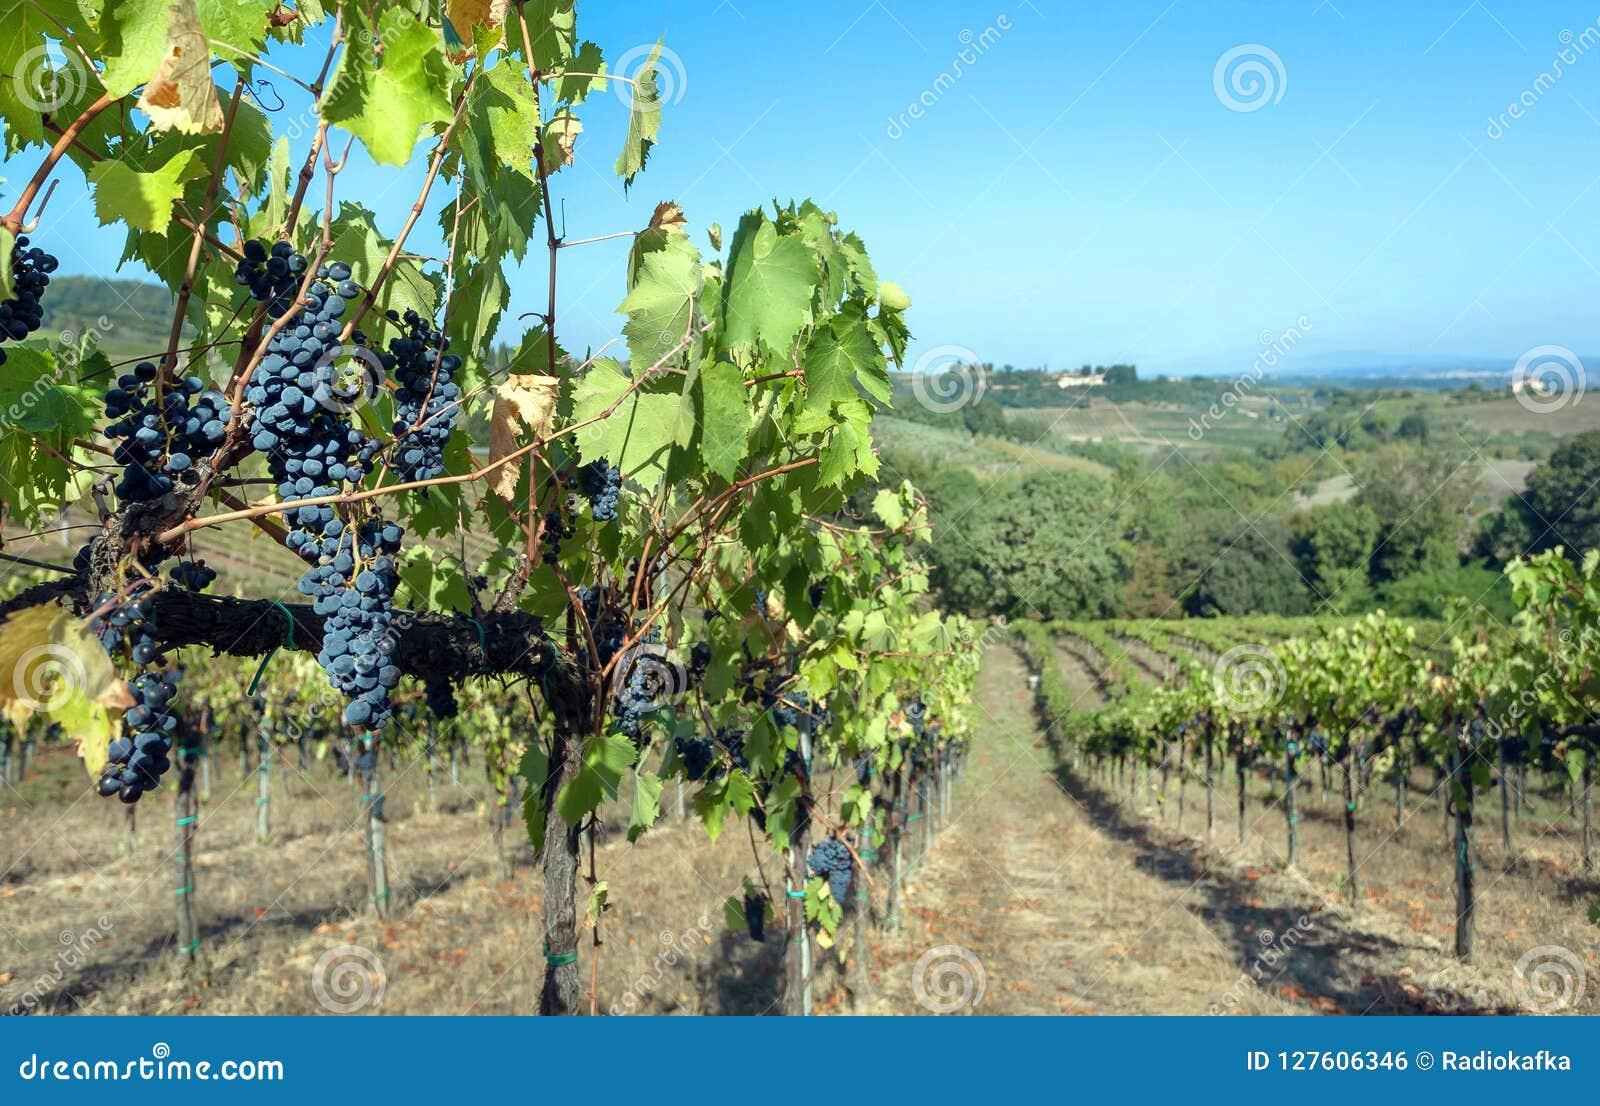 Vigne bleue dans le wineyard Paysage coloré de vignoble en Italie Le vignoble rame chez la Toscane dans le temps de récolte d aut